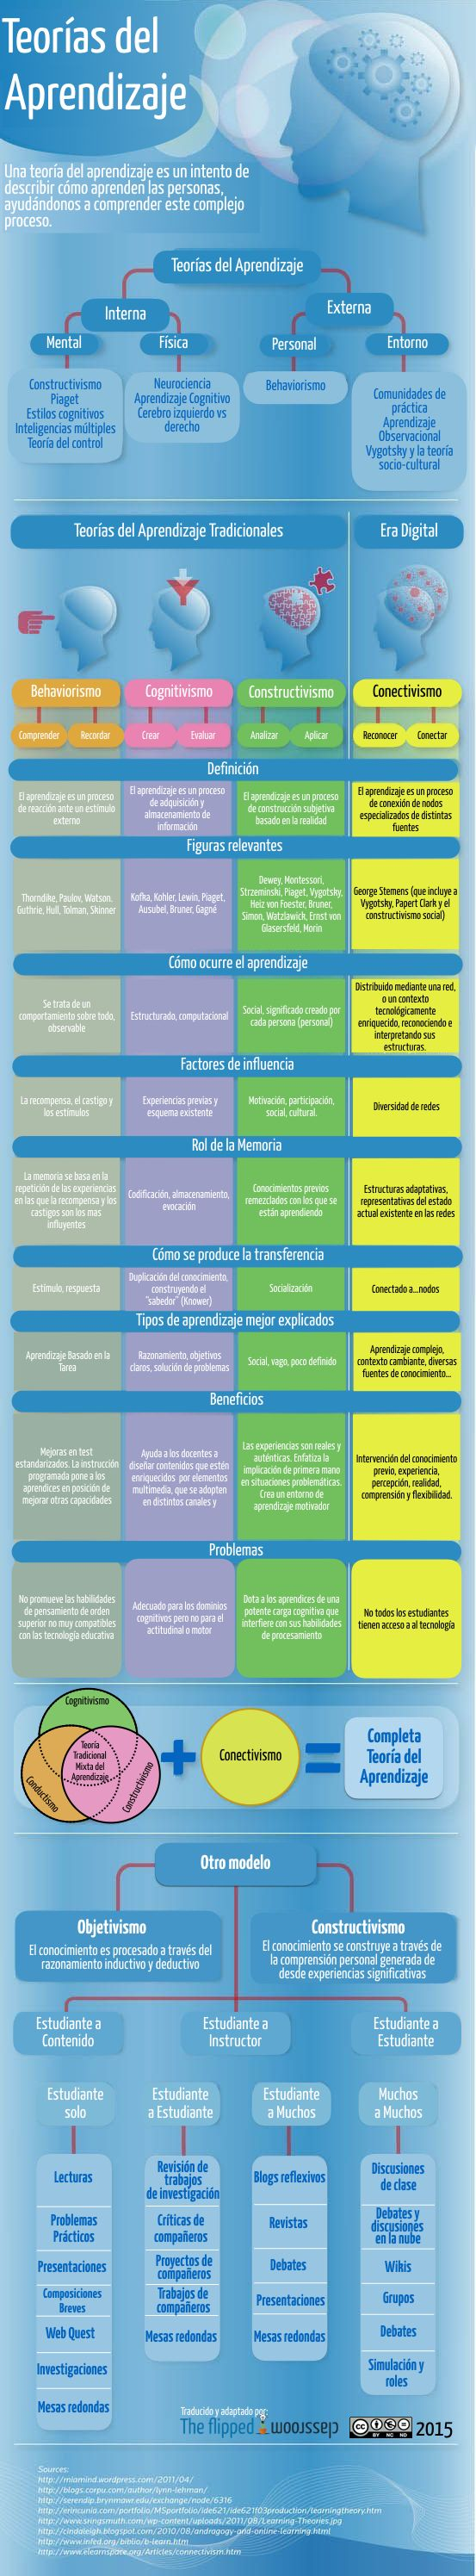 Un poquito más sobre teorías del aprendizaje: